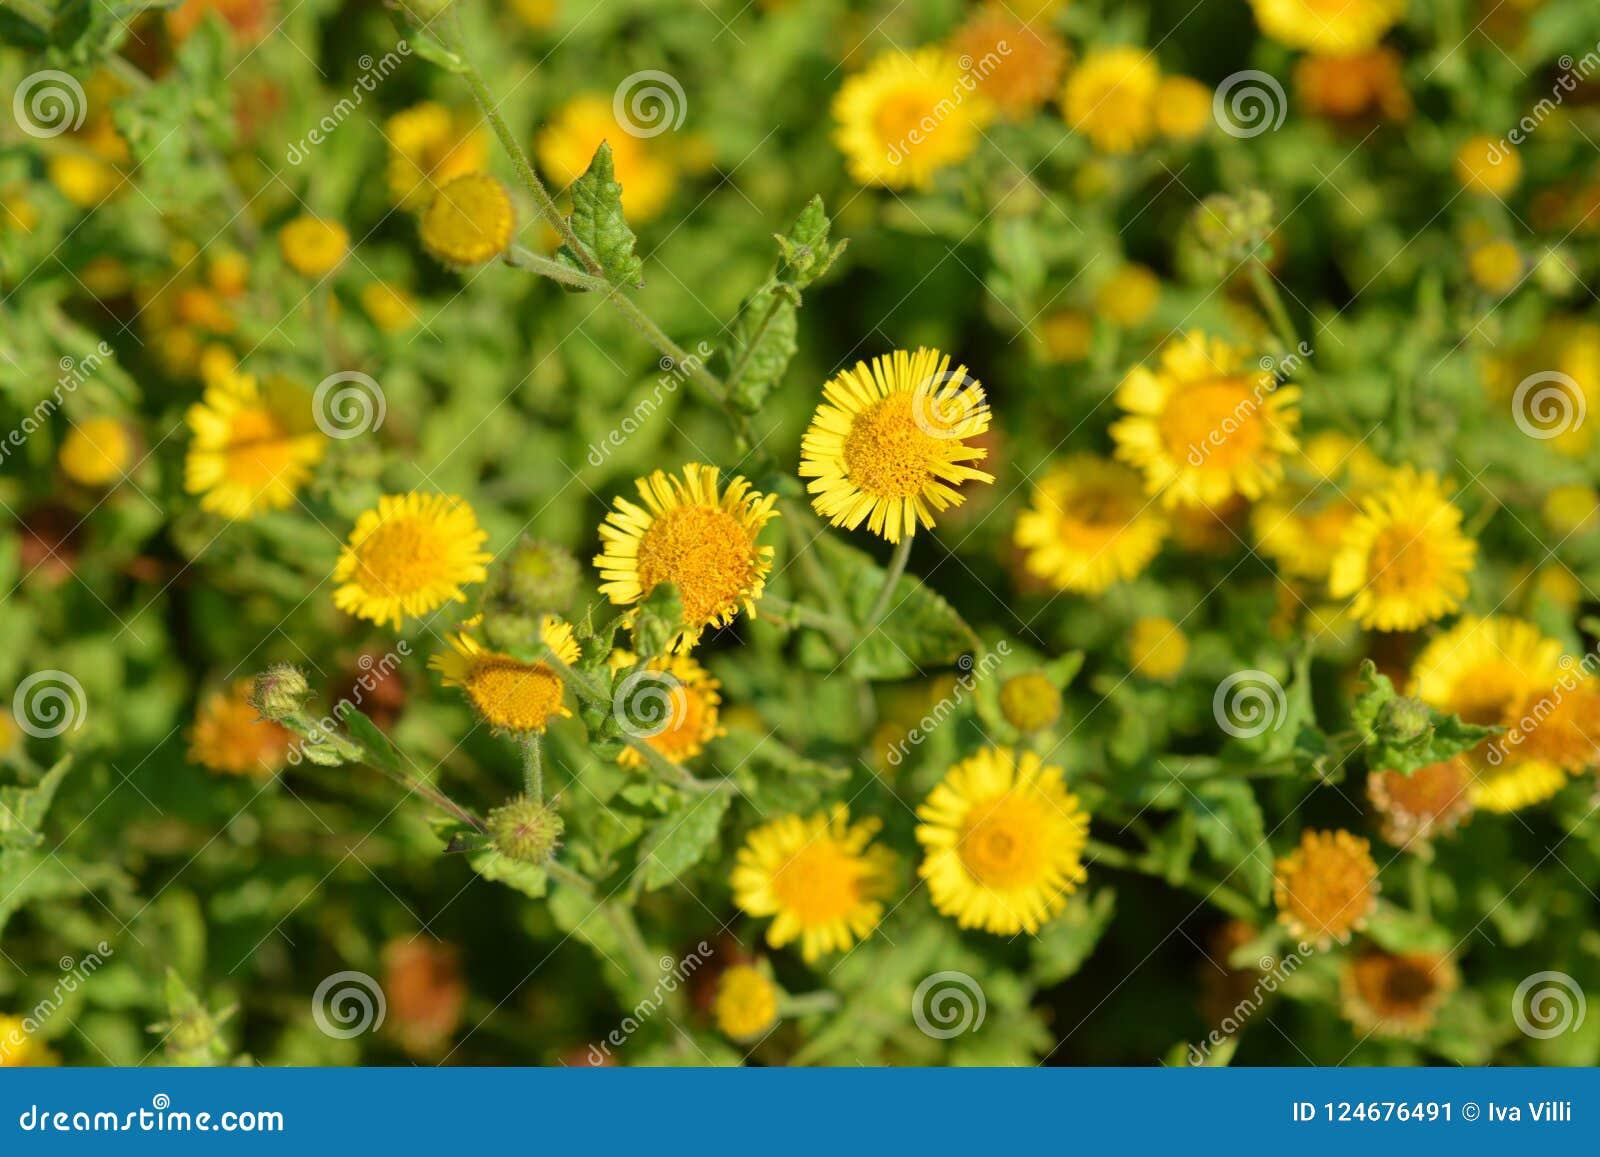 Small Fleabane Flowers Stock Image Image Of Botany 124676491